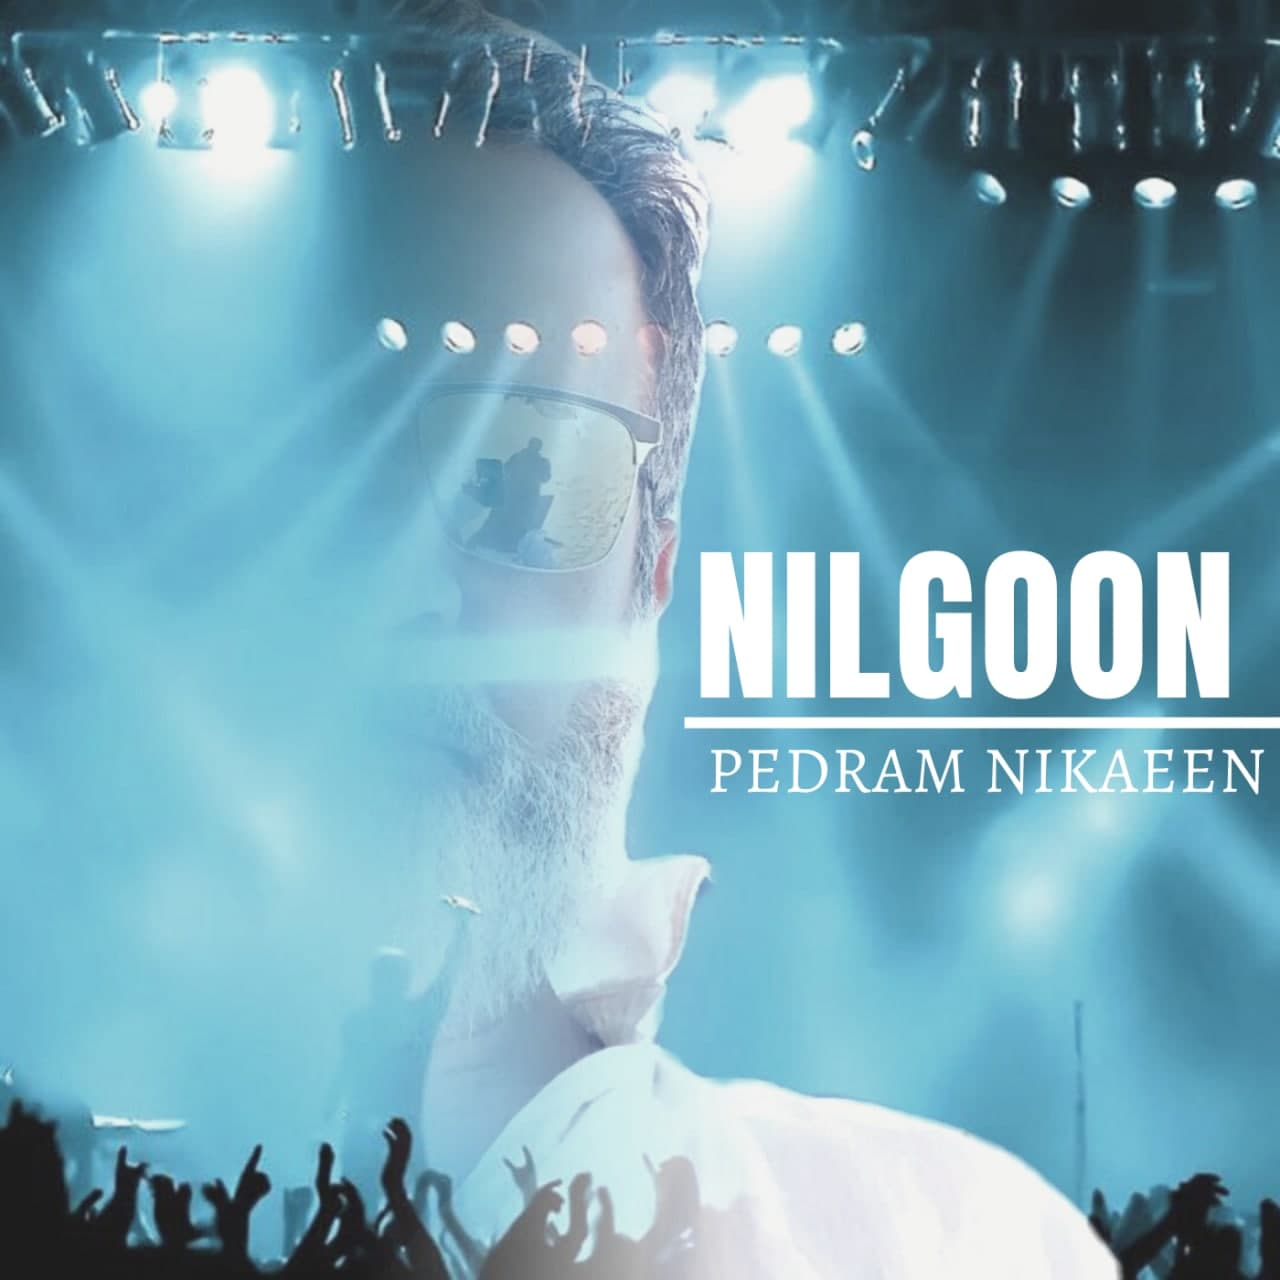 دانلود آهنگ پدرام نیک آیین به نام نیلگون از موزیک باز